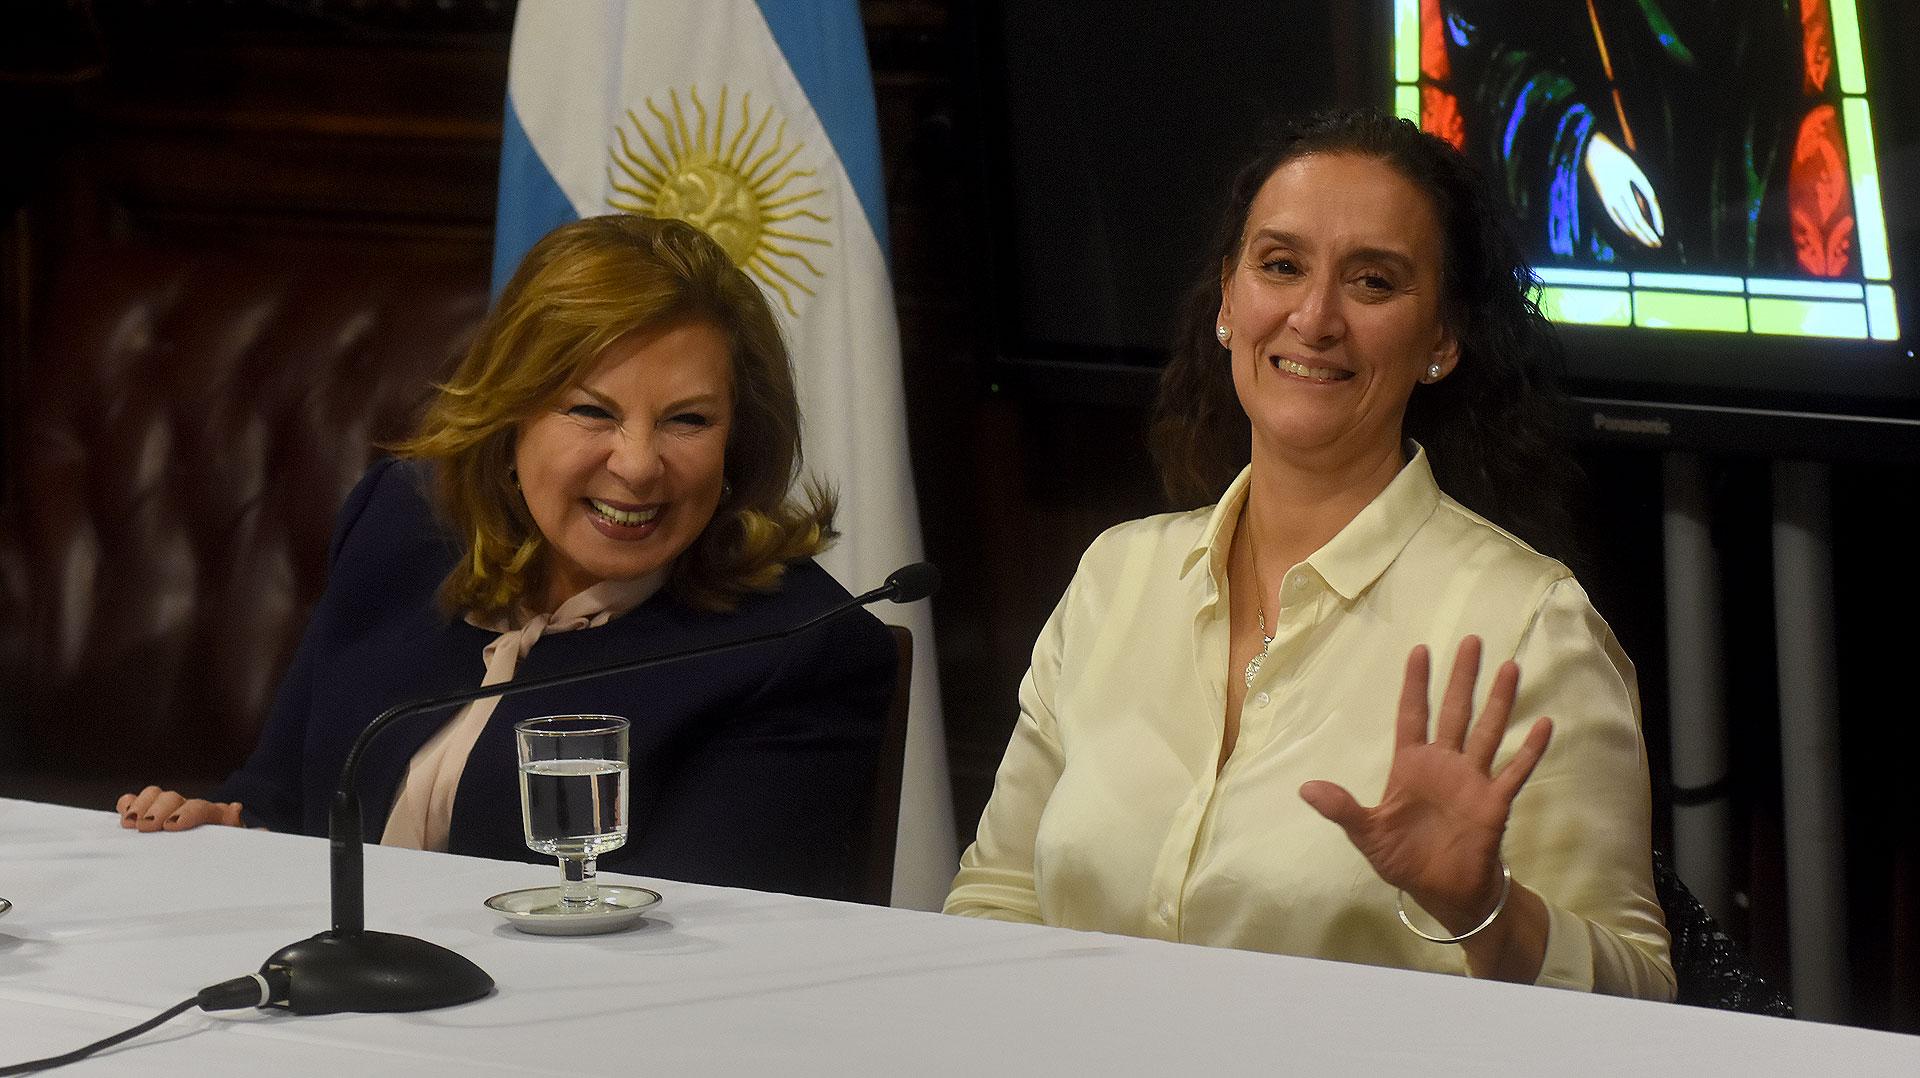 La Vicepresidente de la Nación y la Senadora nacional de Santiago del Estero